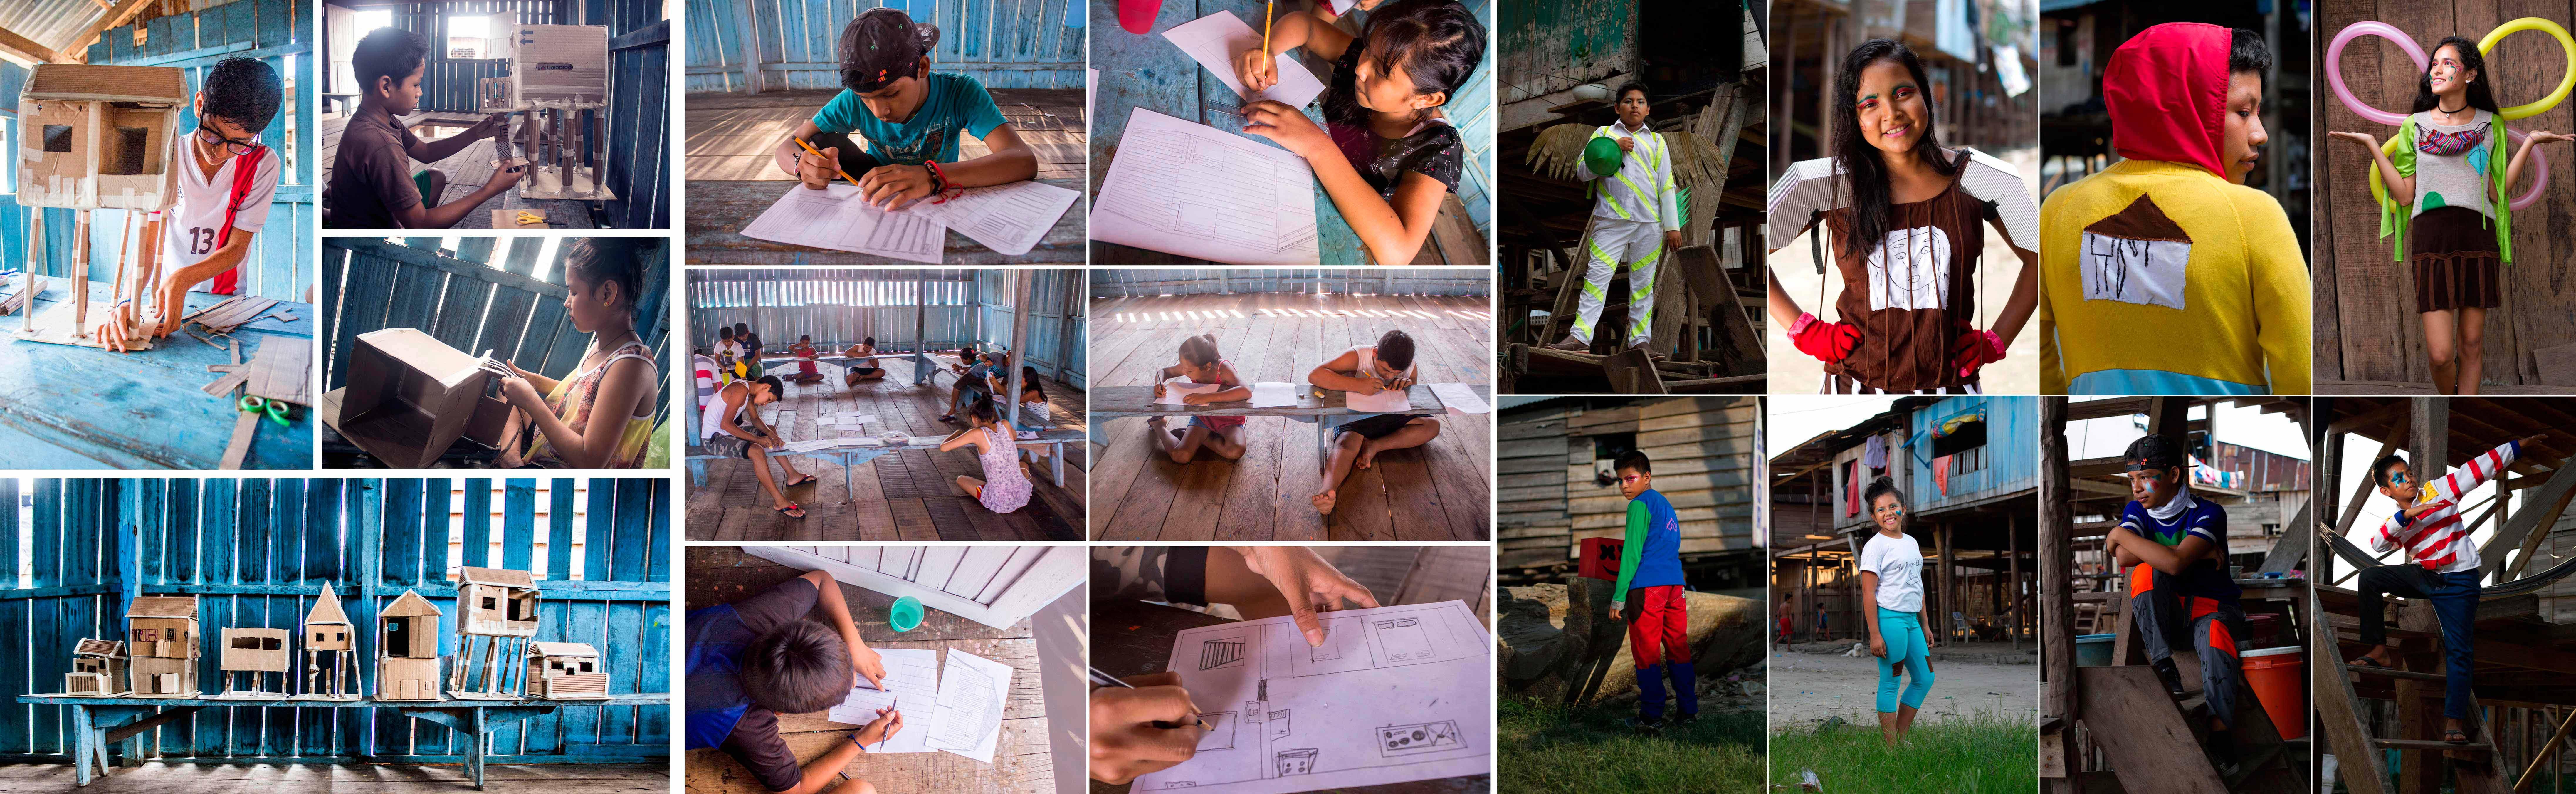 Algunos de los adolescentes peruanos de la comunidad de Pueblo Libre (Iquitos, Perú) que participaron en el proyecto 'Vistámonos de Belén' que ha obtenido el Premio 'Diseño y participación ciudadana'